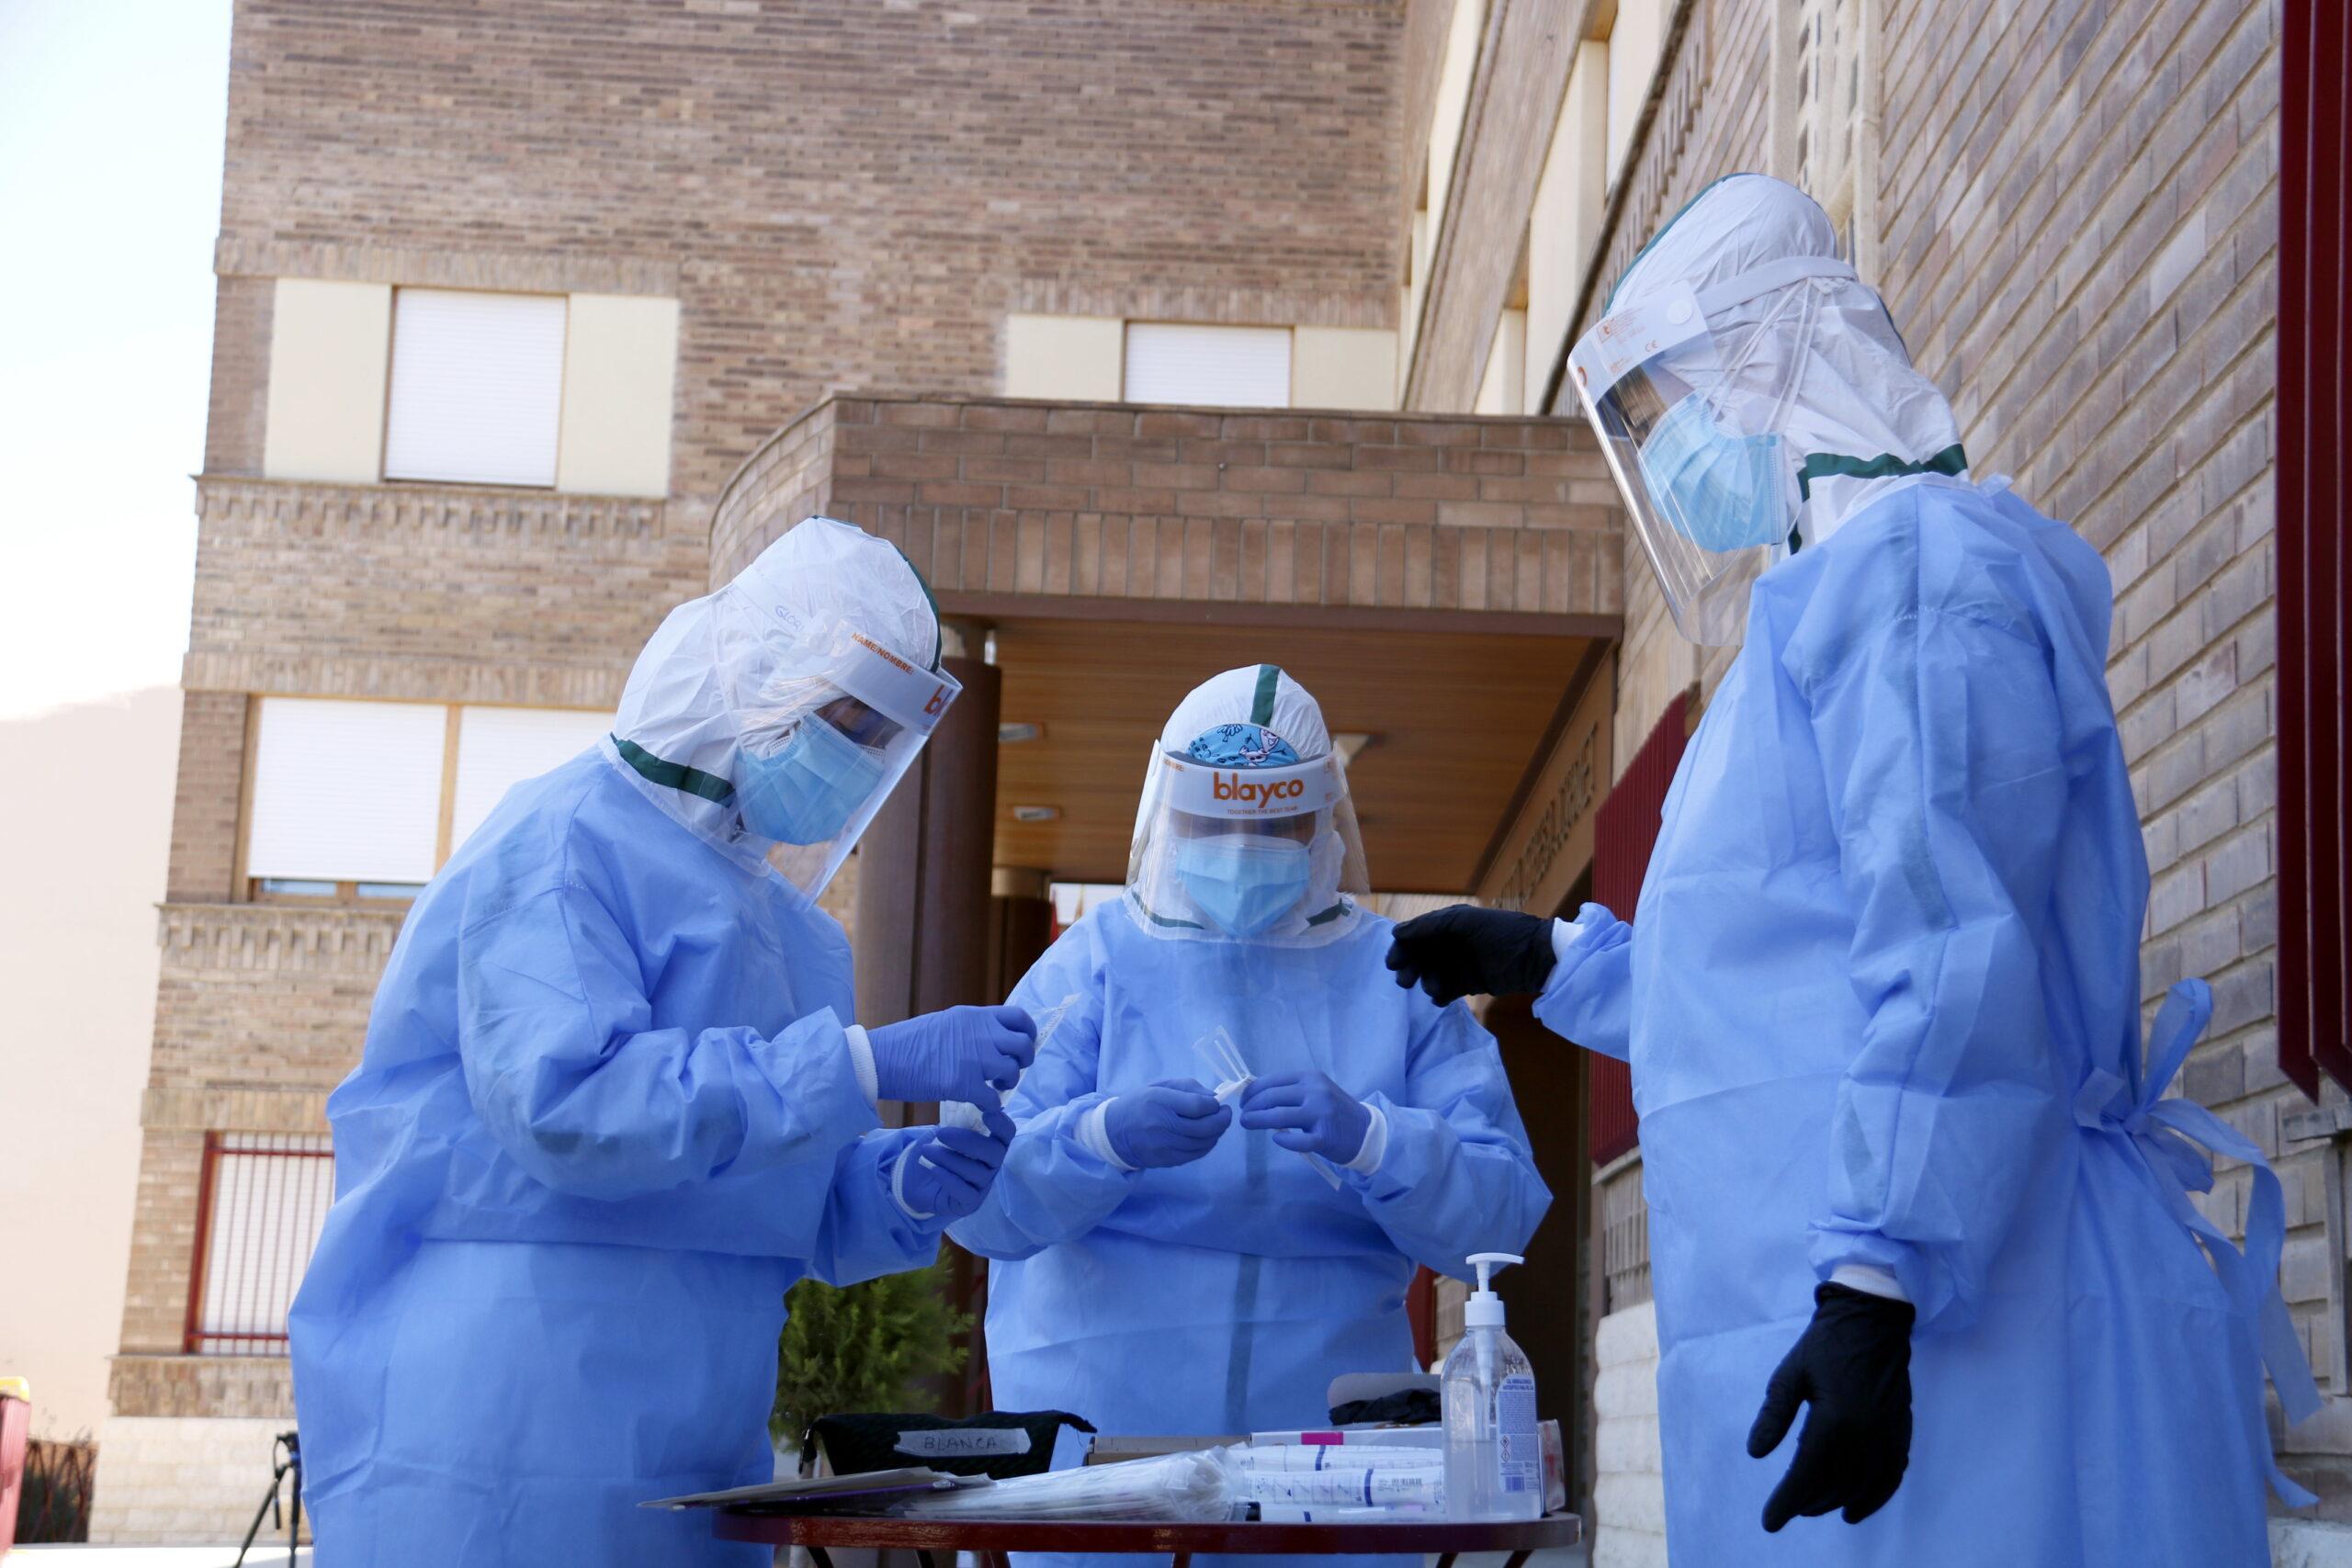 L'equip de mostres d'Atenció Primària de Lleida preparant-se per fer proves PCR en una residència d'Aitona. Imatge del 7 de juliol de 2020. (ACN)